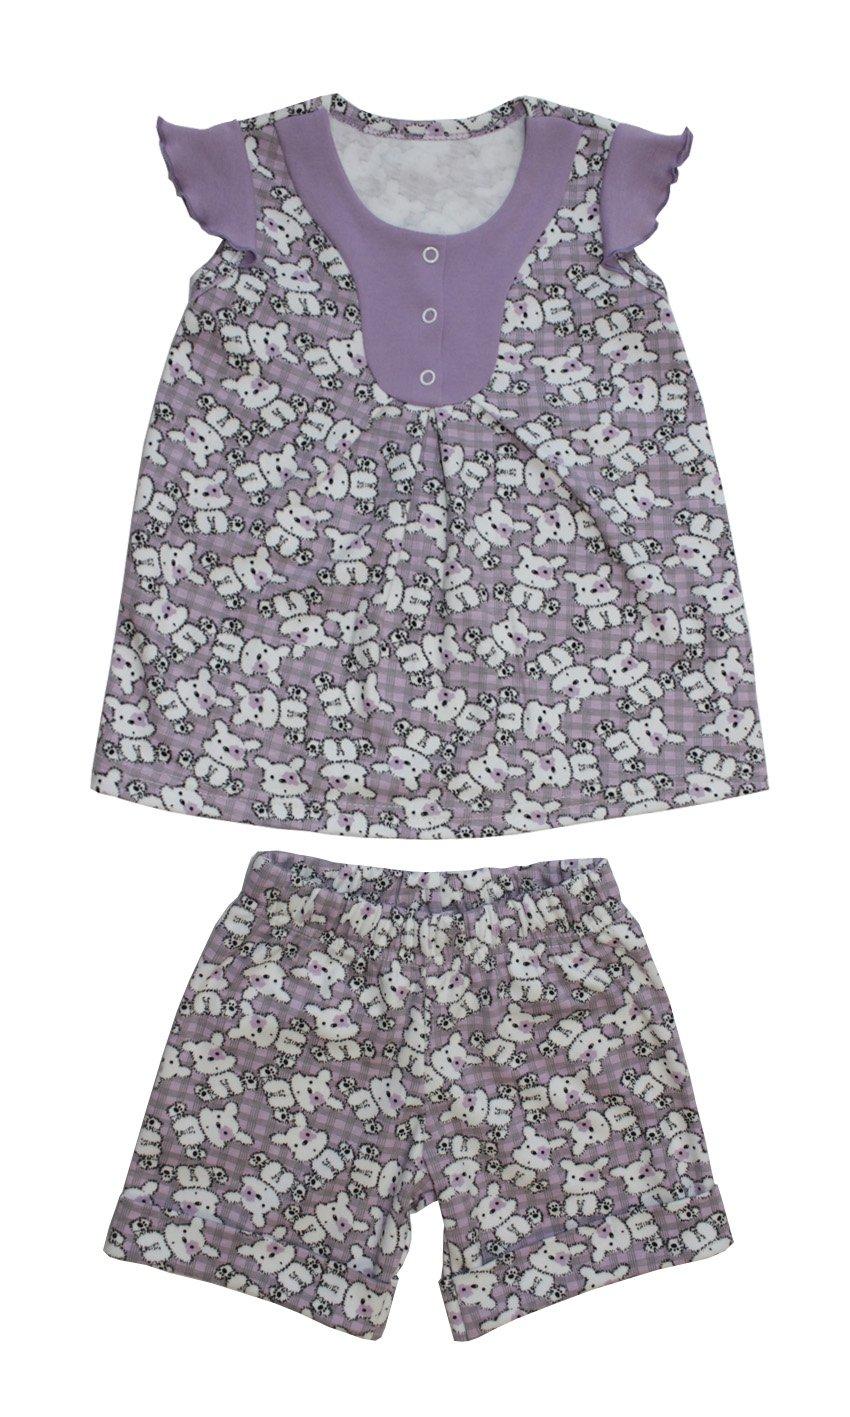 Пижама детская Лидочка для девочкиХалаты и пижамы<br><br><br>Размер: Рост 92 (размер 30)